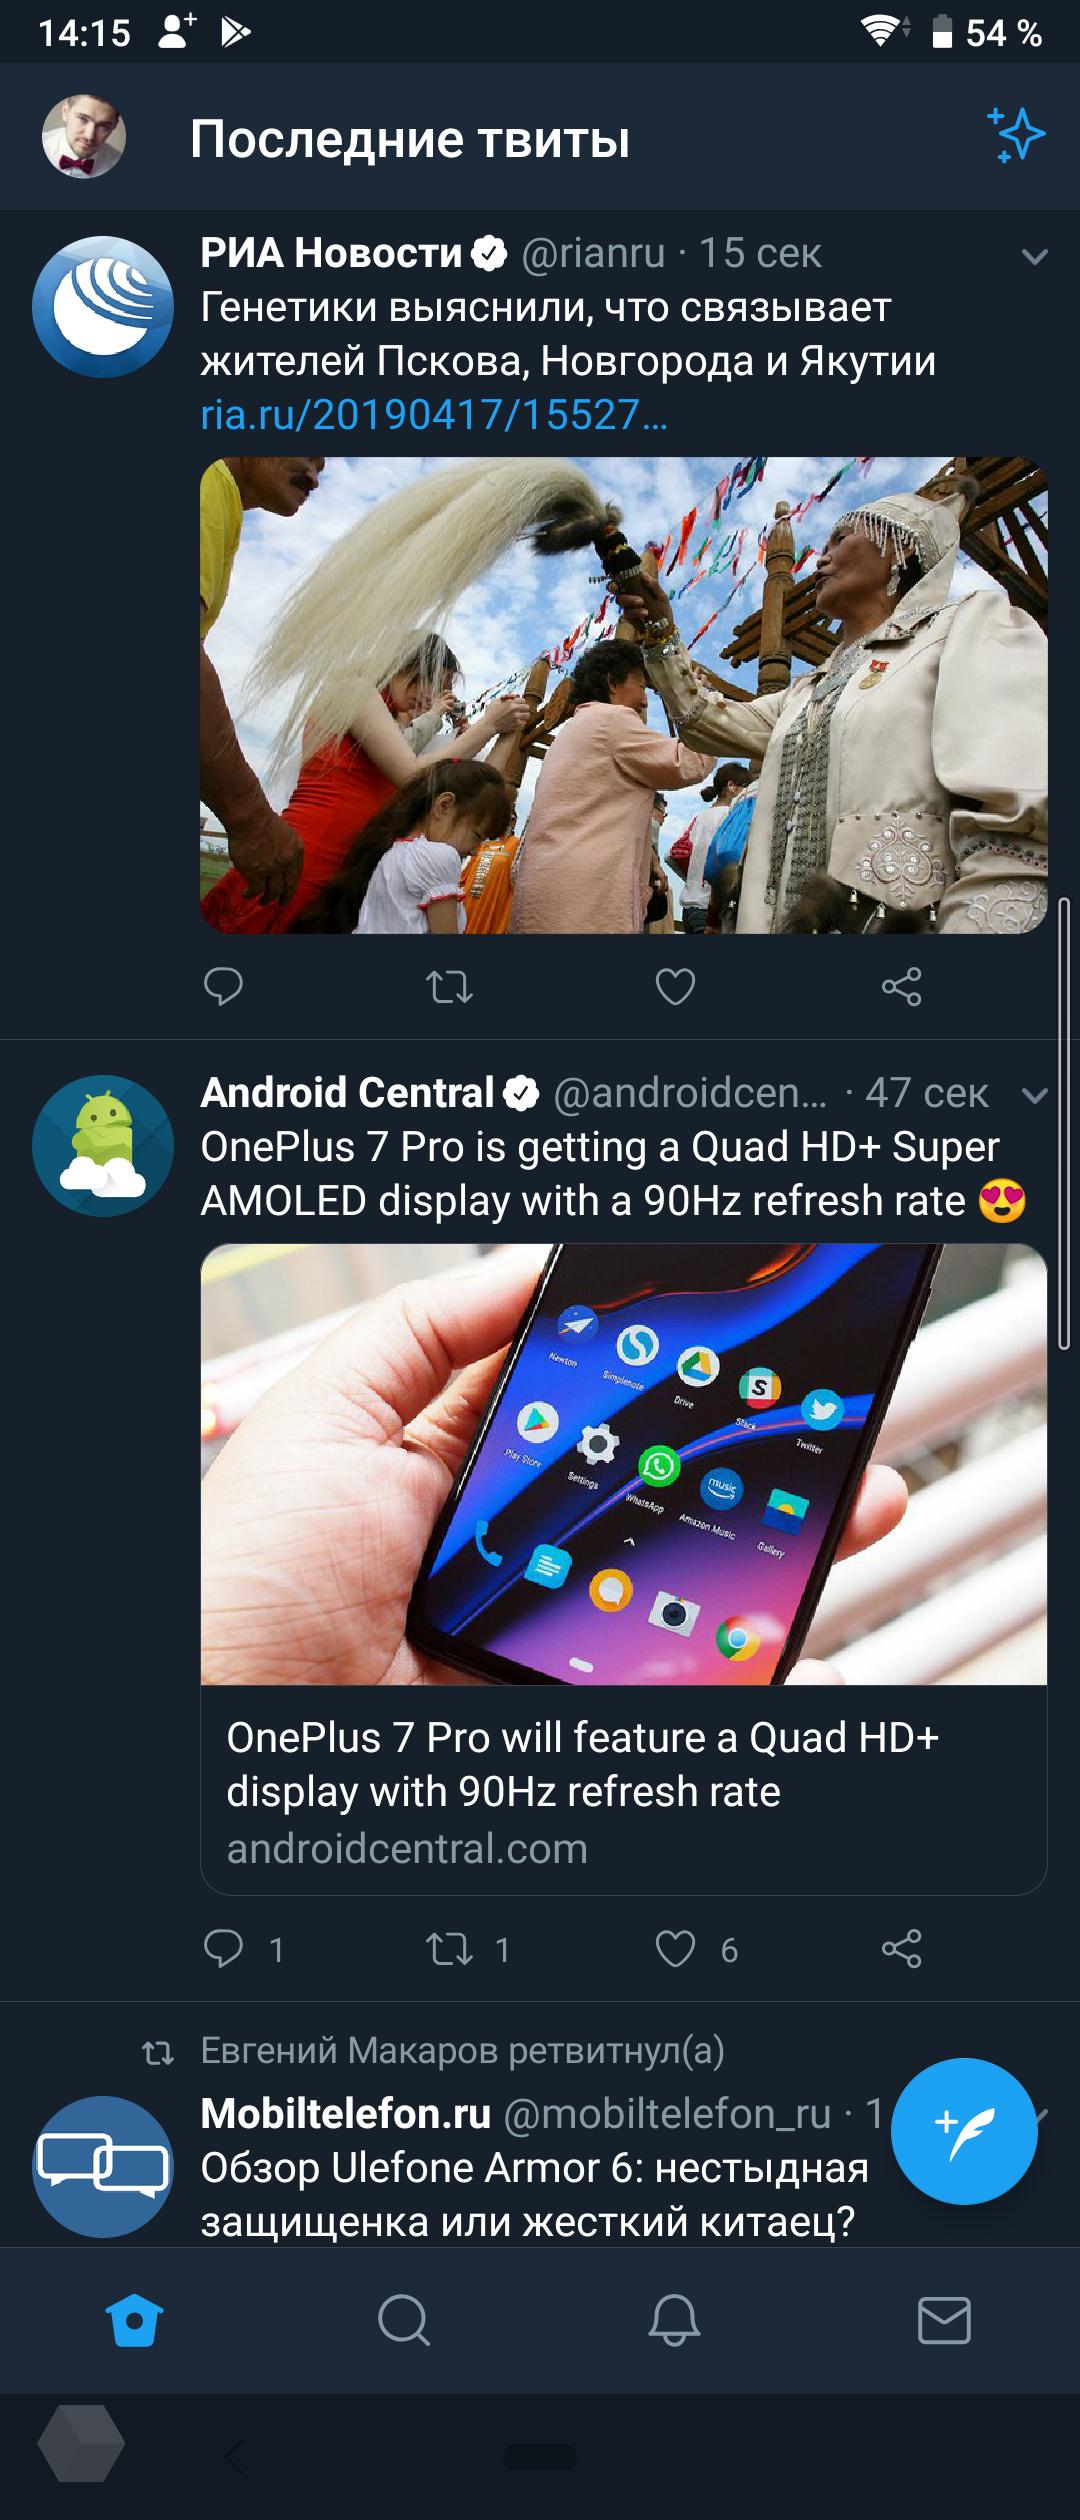 Обзор Sony Xperia 10 и 10 Plus. Идея нравится, но реализация хромает30